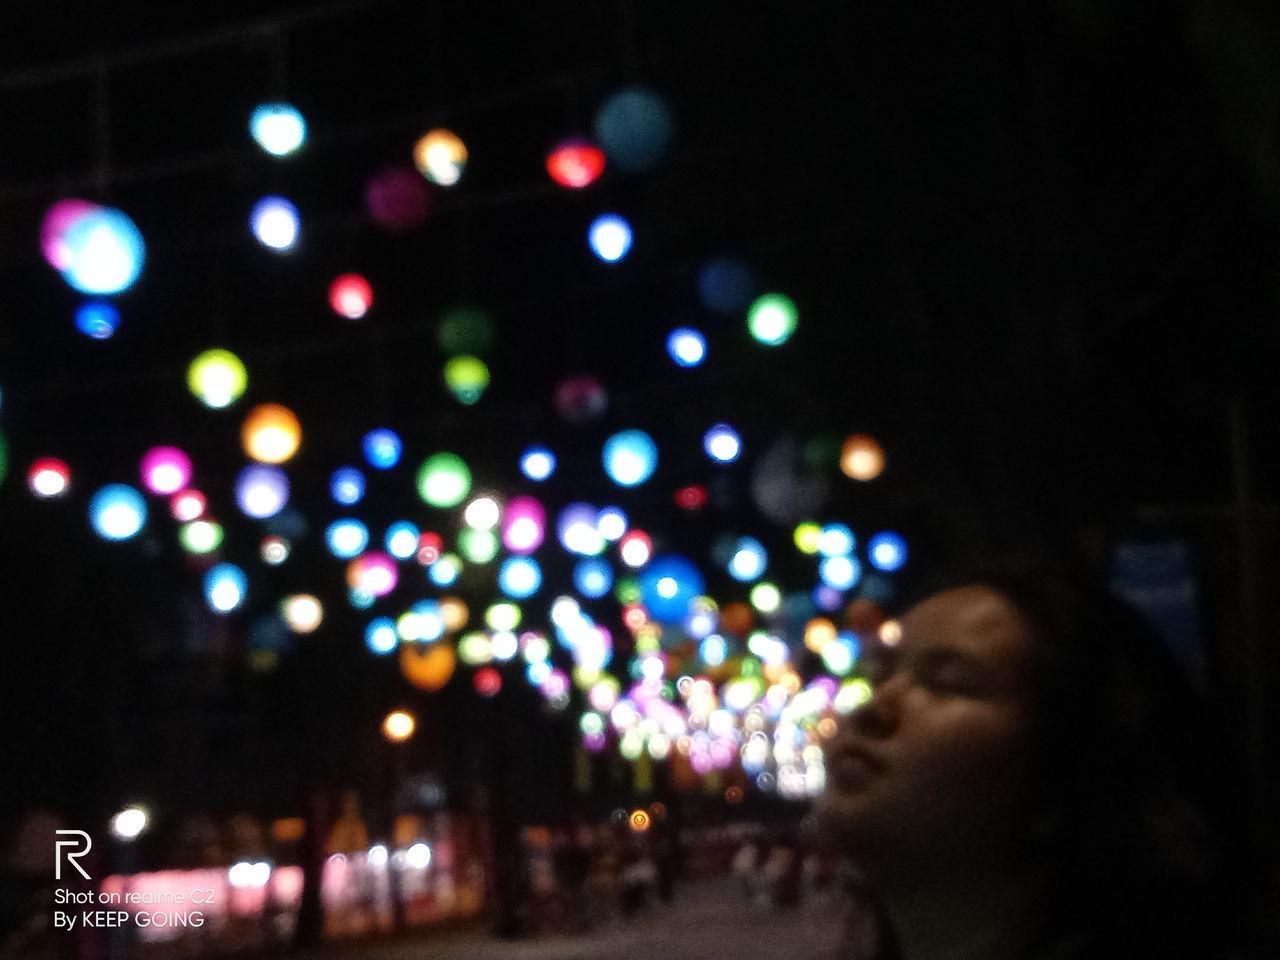 DEFOCUSED IMAGE OF WOMAN LIGHTS AT ILLUMINATED STREET LIGHT